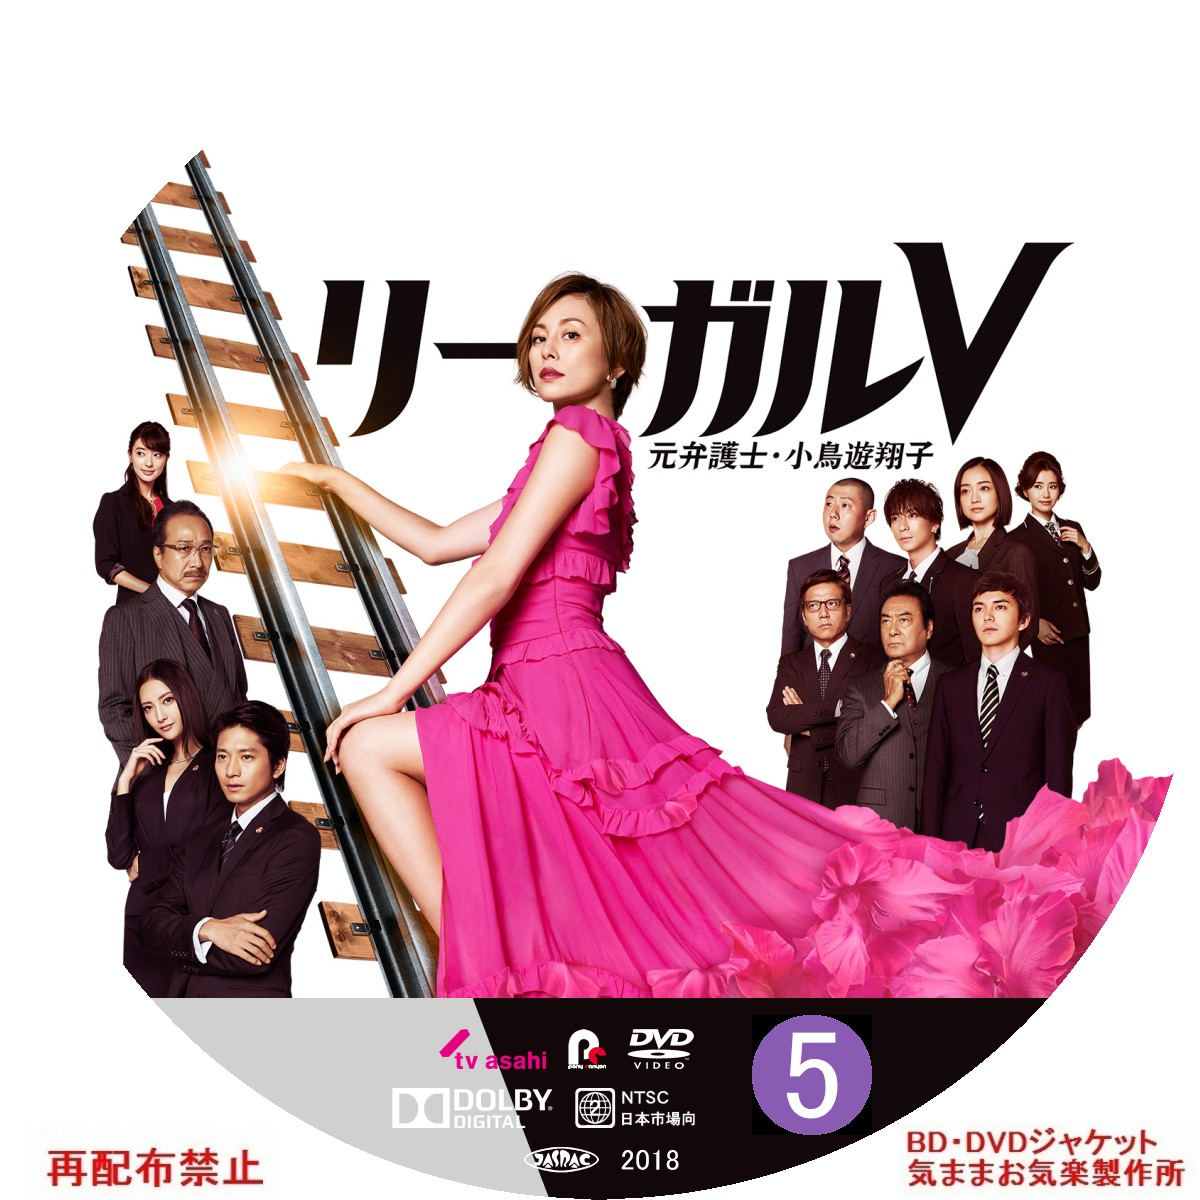 regal_V_DVD05r.jpg